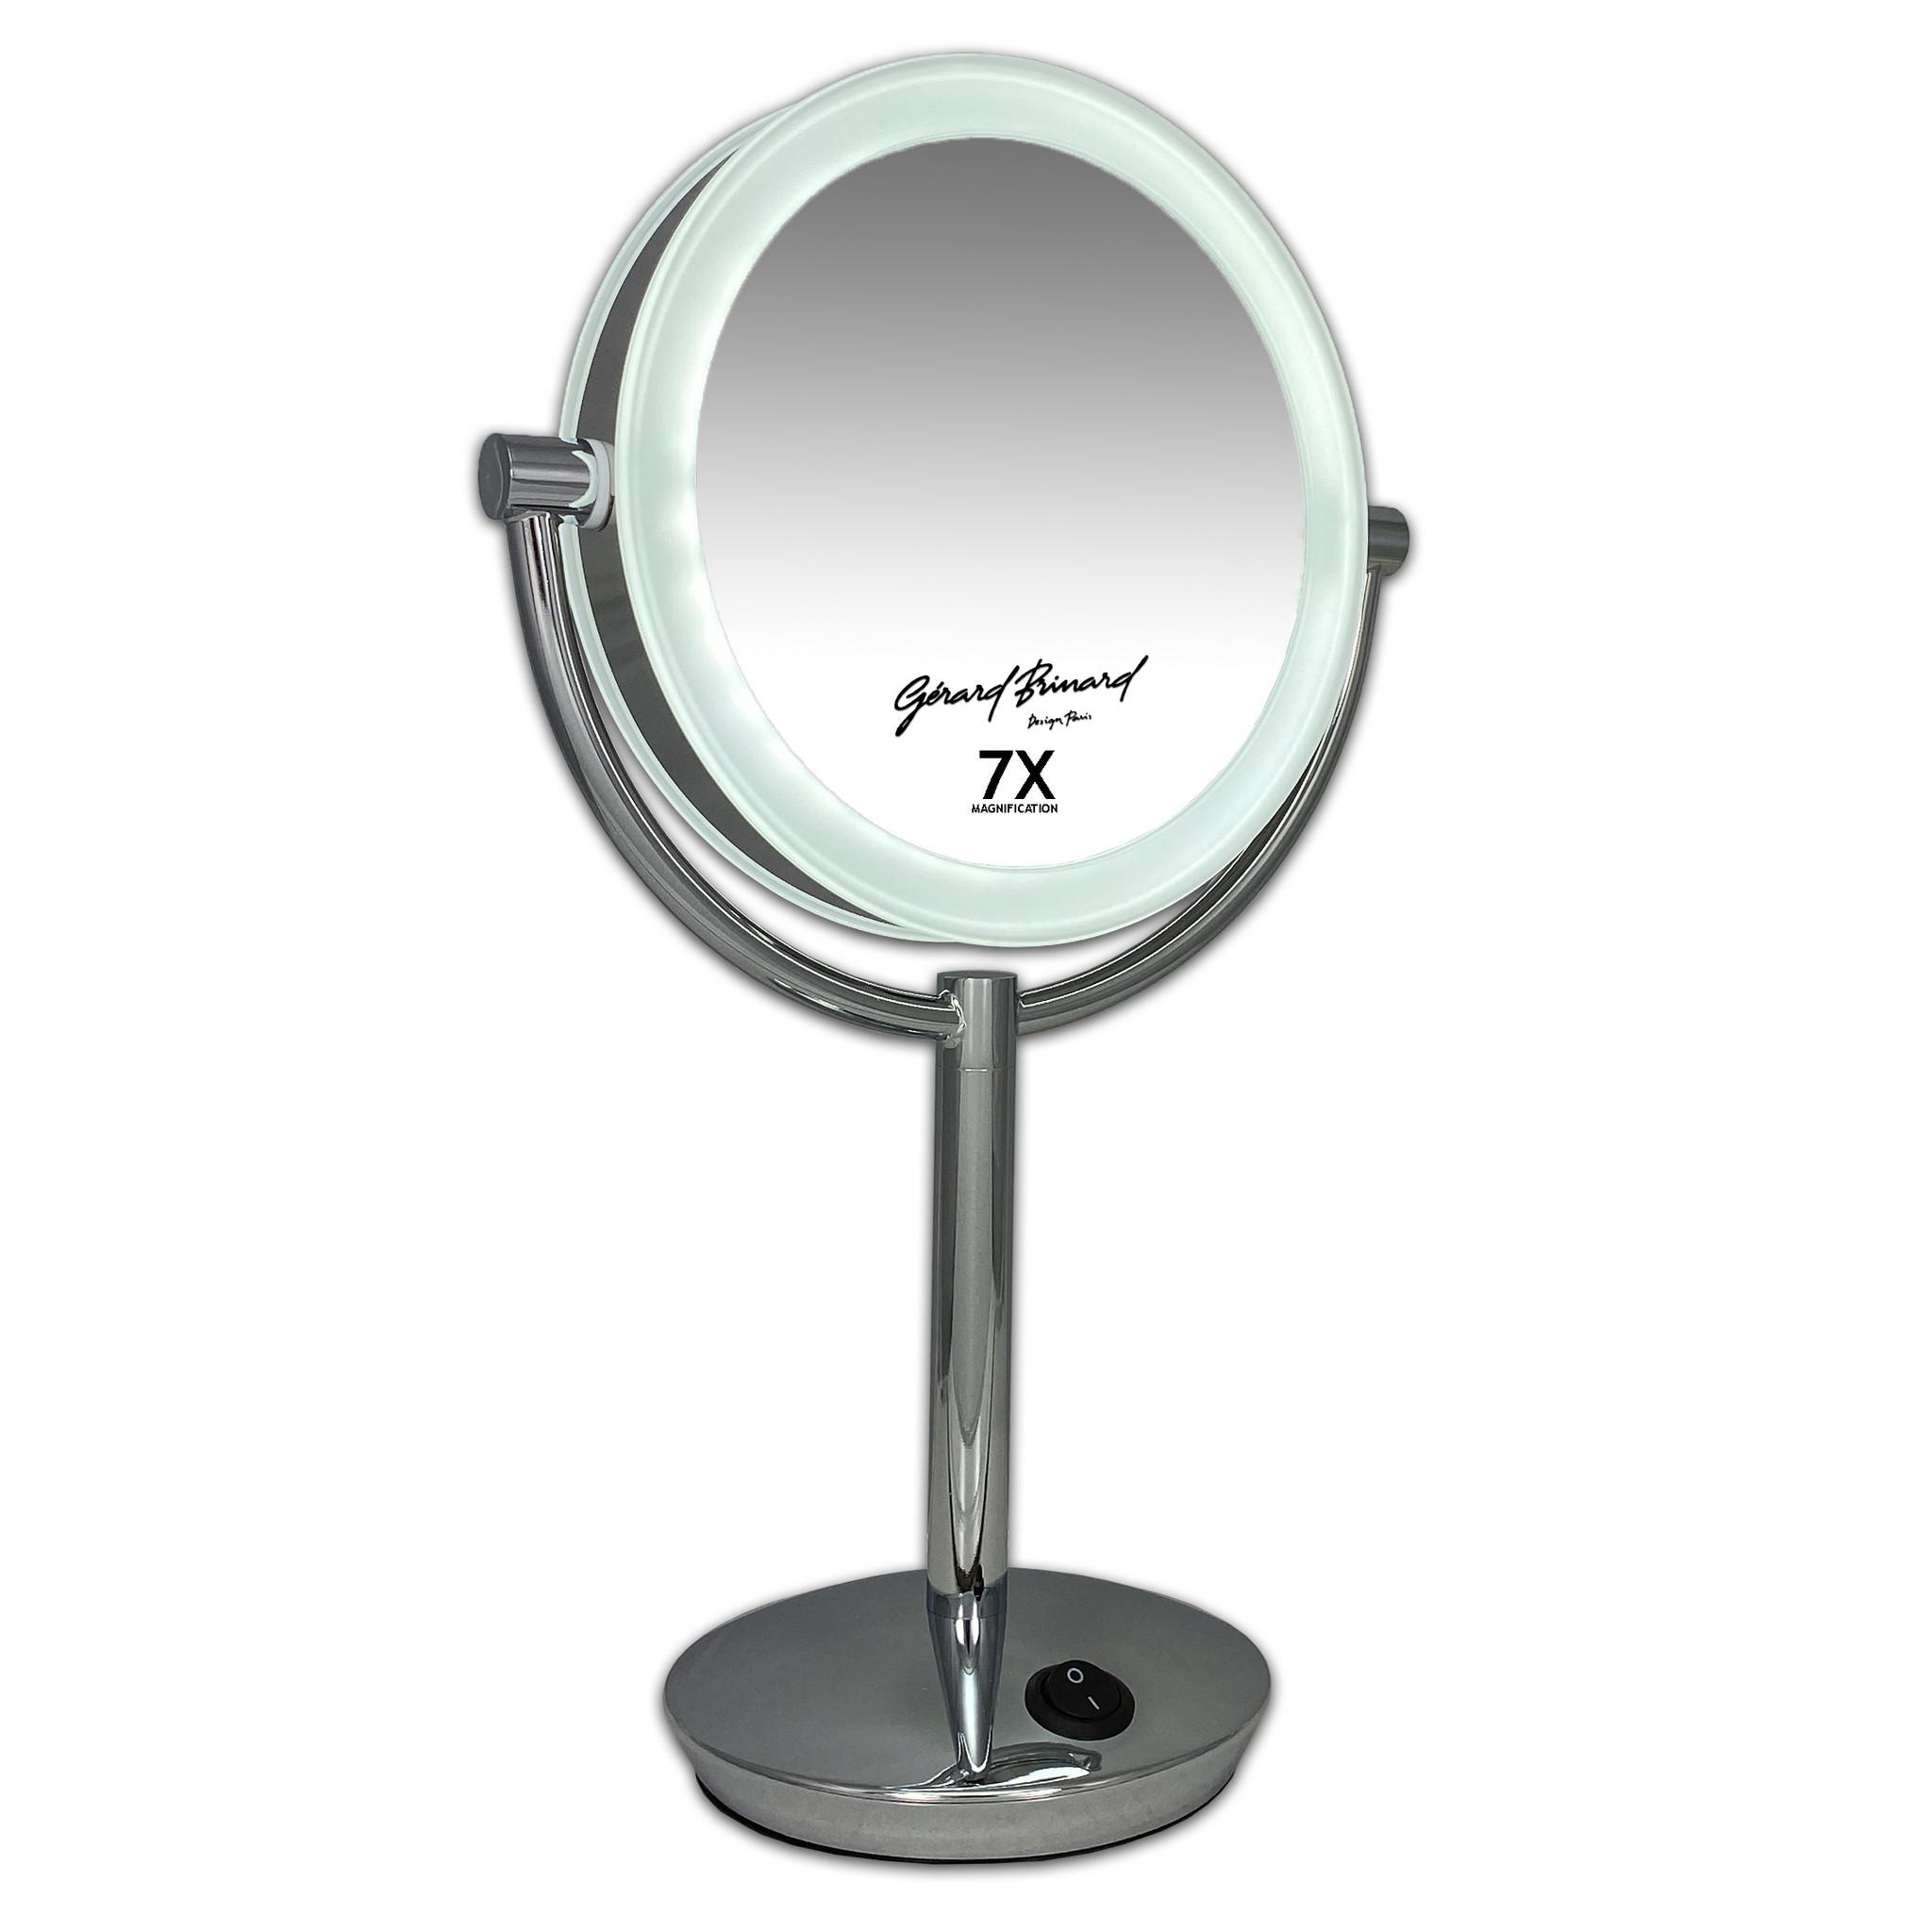 Gérard Brinard Metalen Make-up LED Spiegel 7x vergroting 19cm doorsnee, inculsief 4x AA batterijen